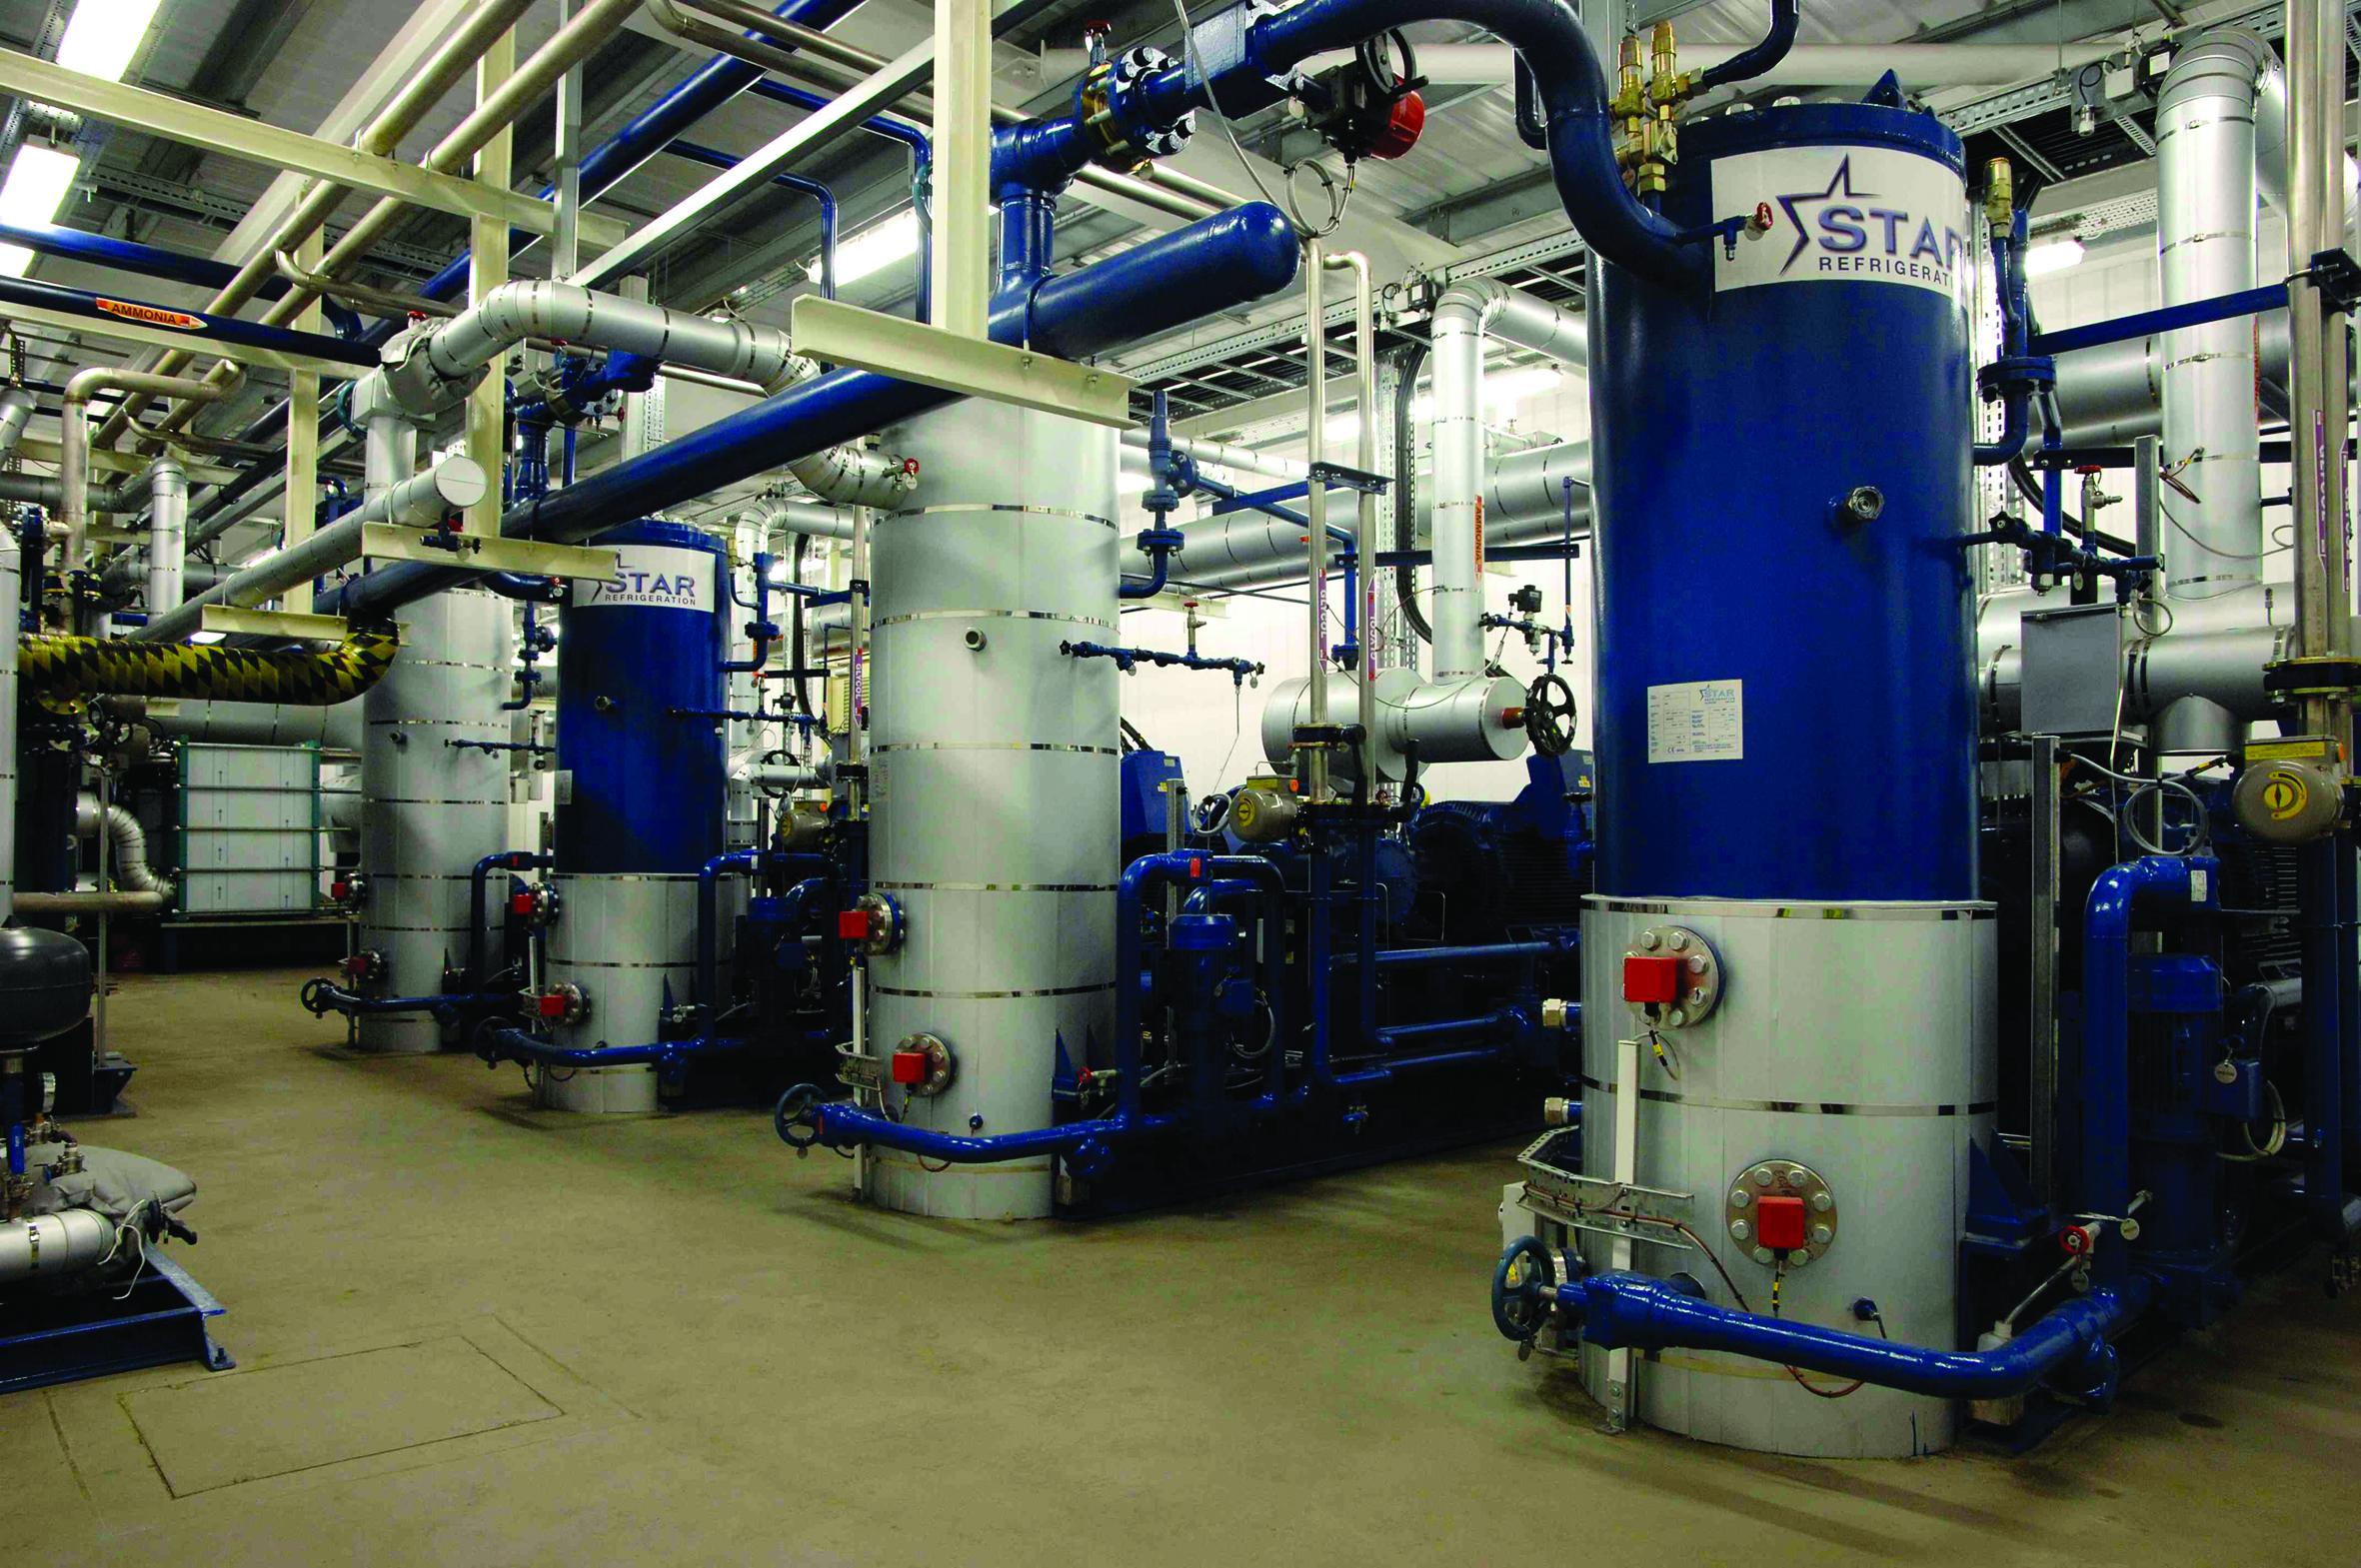 Industrial heatpumps